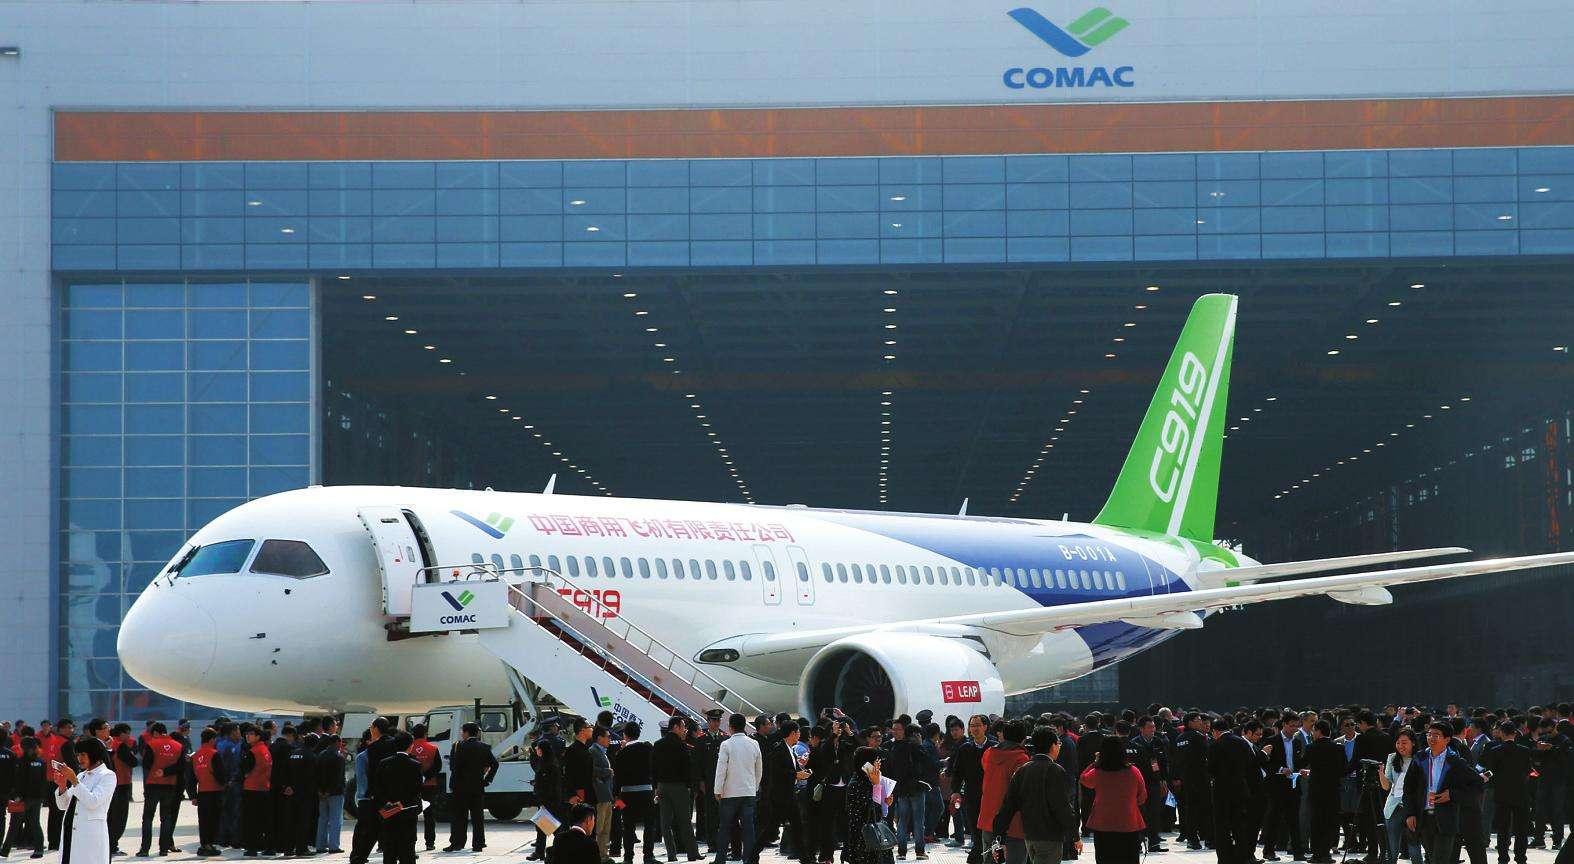 C919大飞机将首飞挑战波音空客 或能卖出2千架